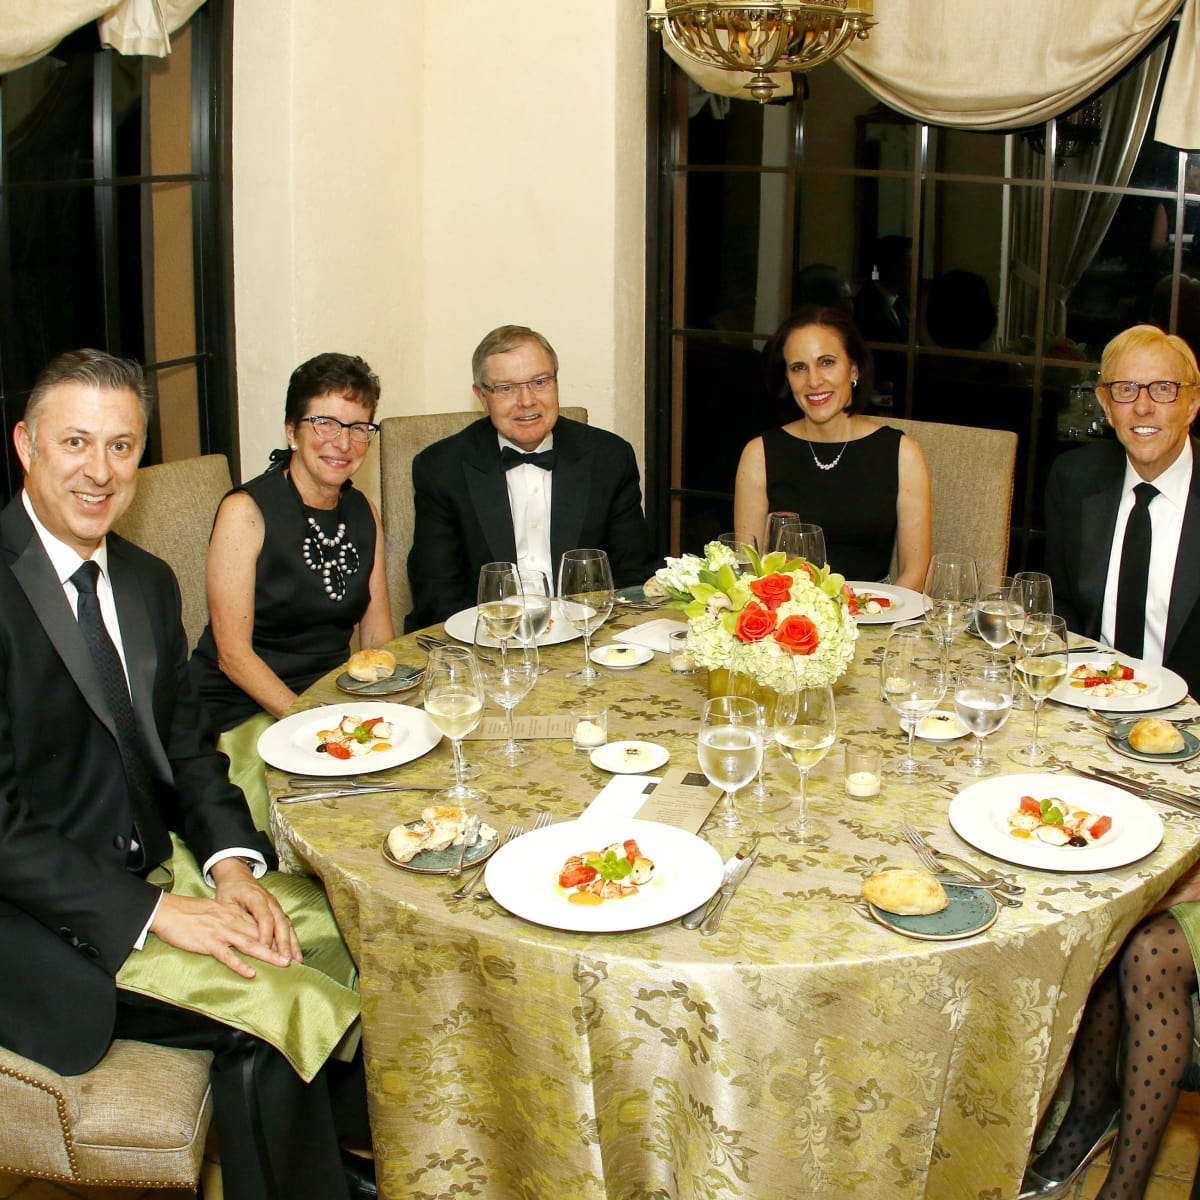 Sean Magennis, Diane and Hal Brierley, Maria Magennis, Steven and Barbara Durham